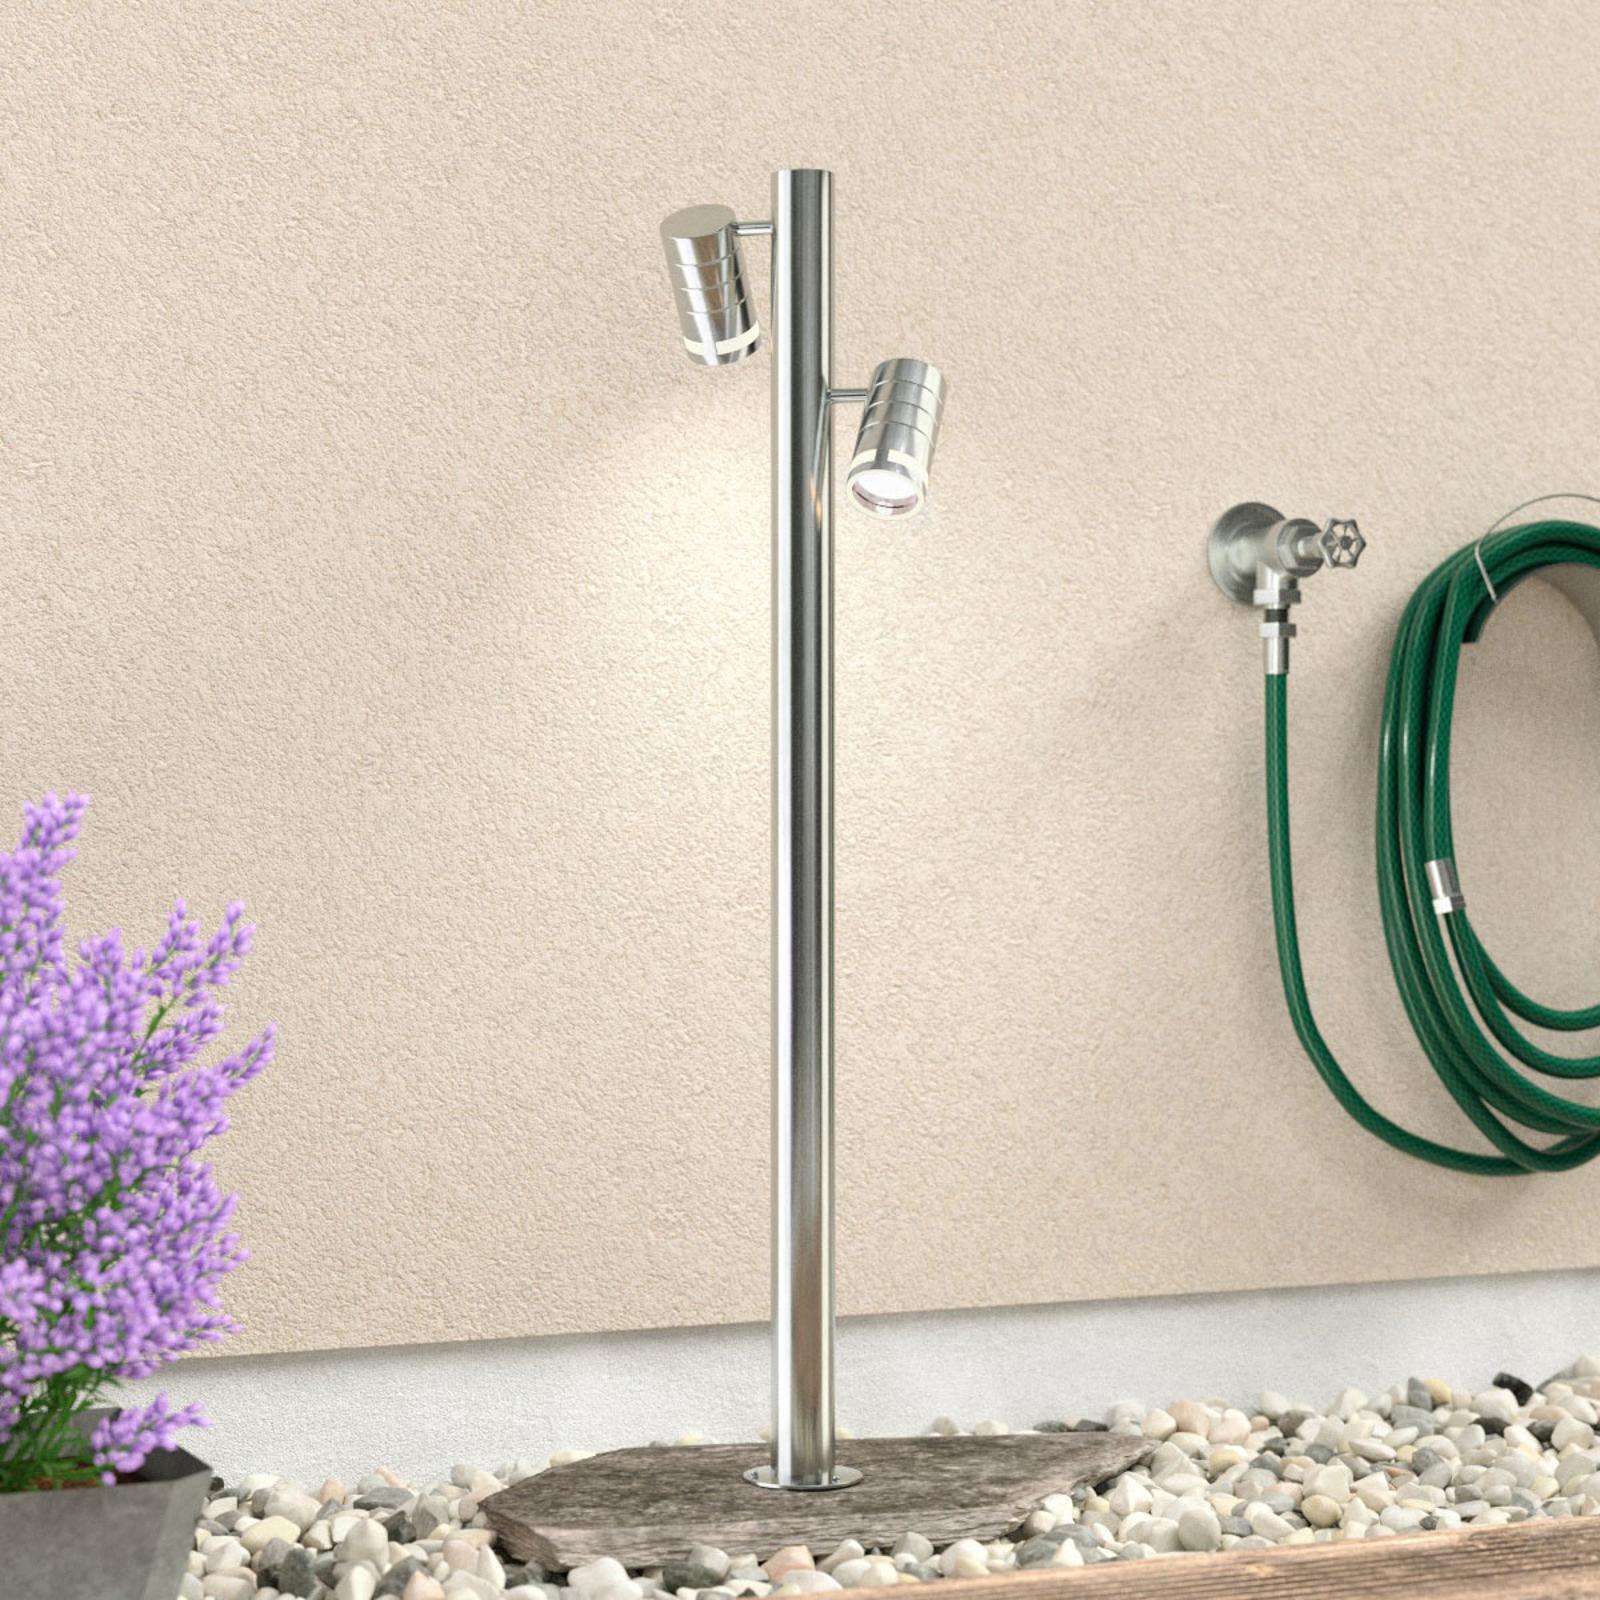 2 lyskilder gadelampe af rustfrit stål Zilly II